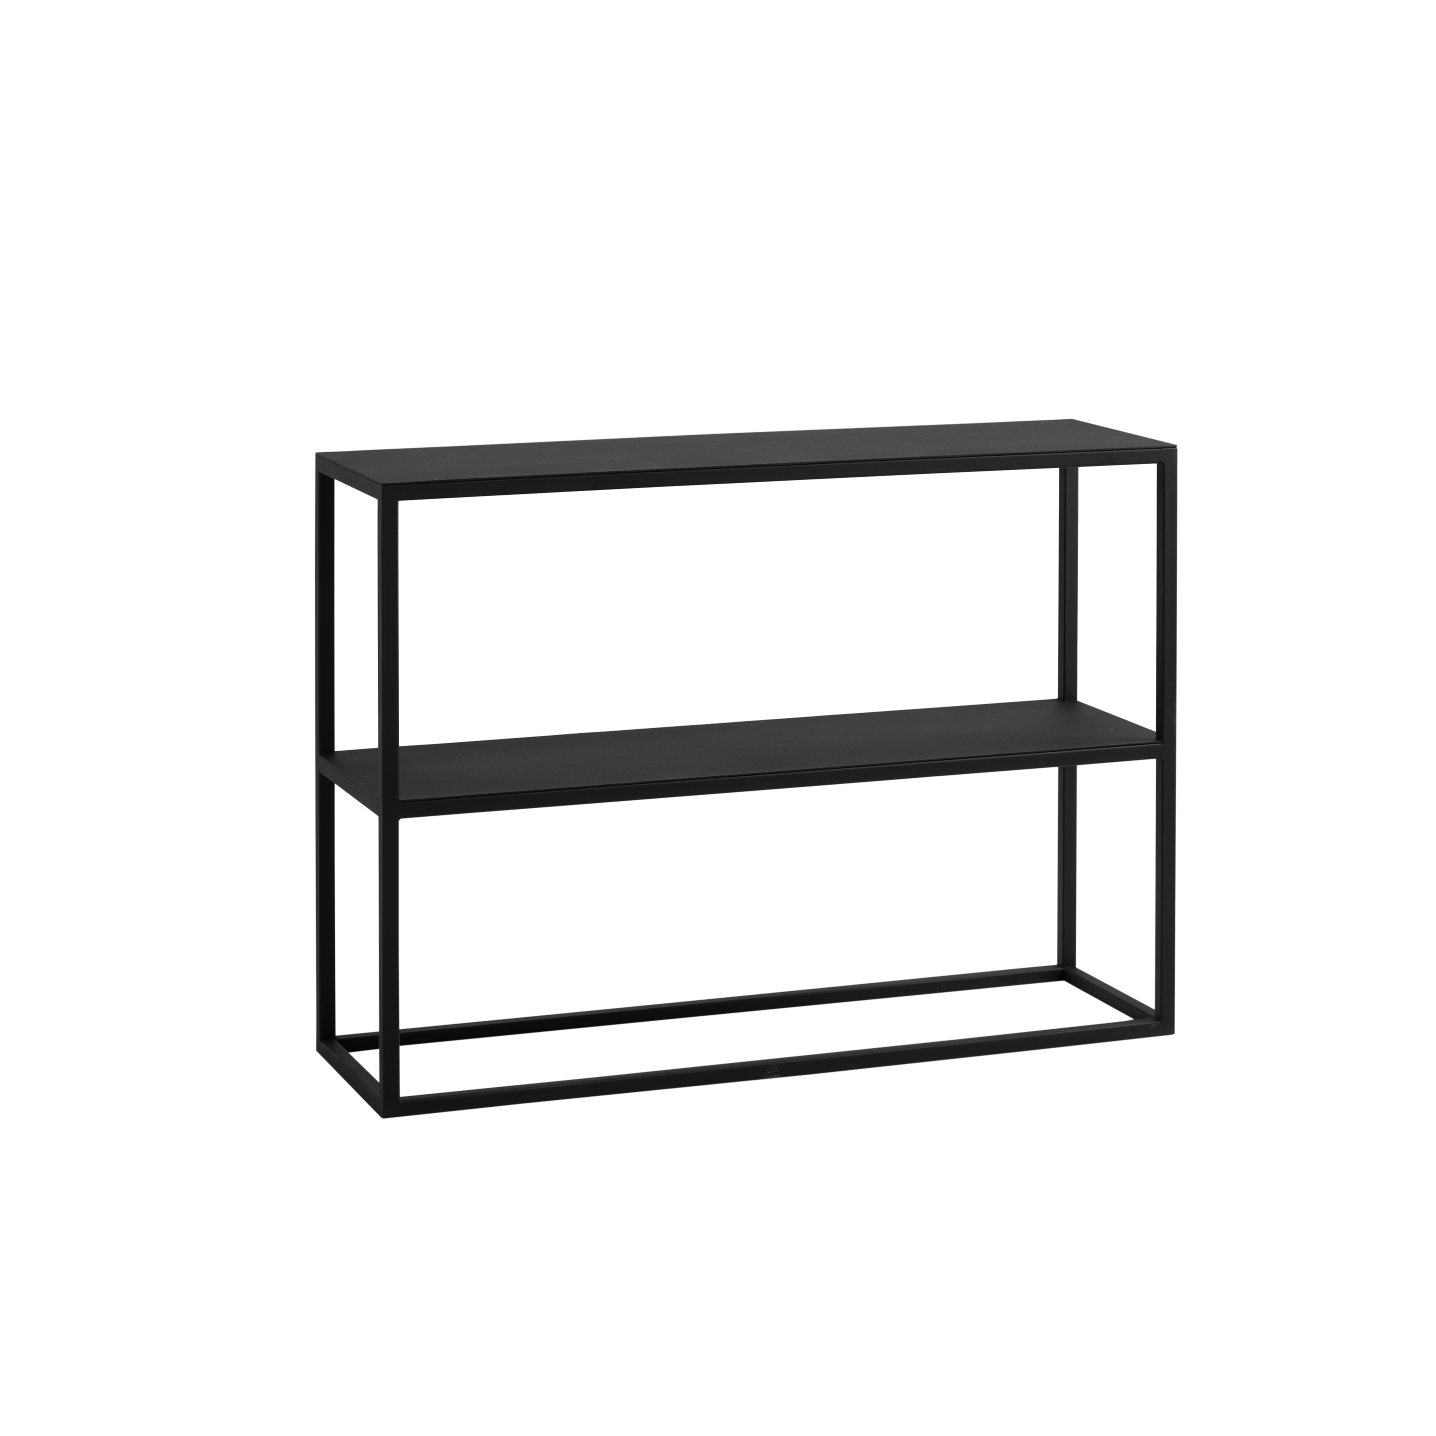 Rack Julita 75 cm 2 Shelves | Black